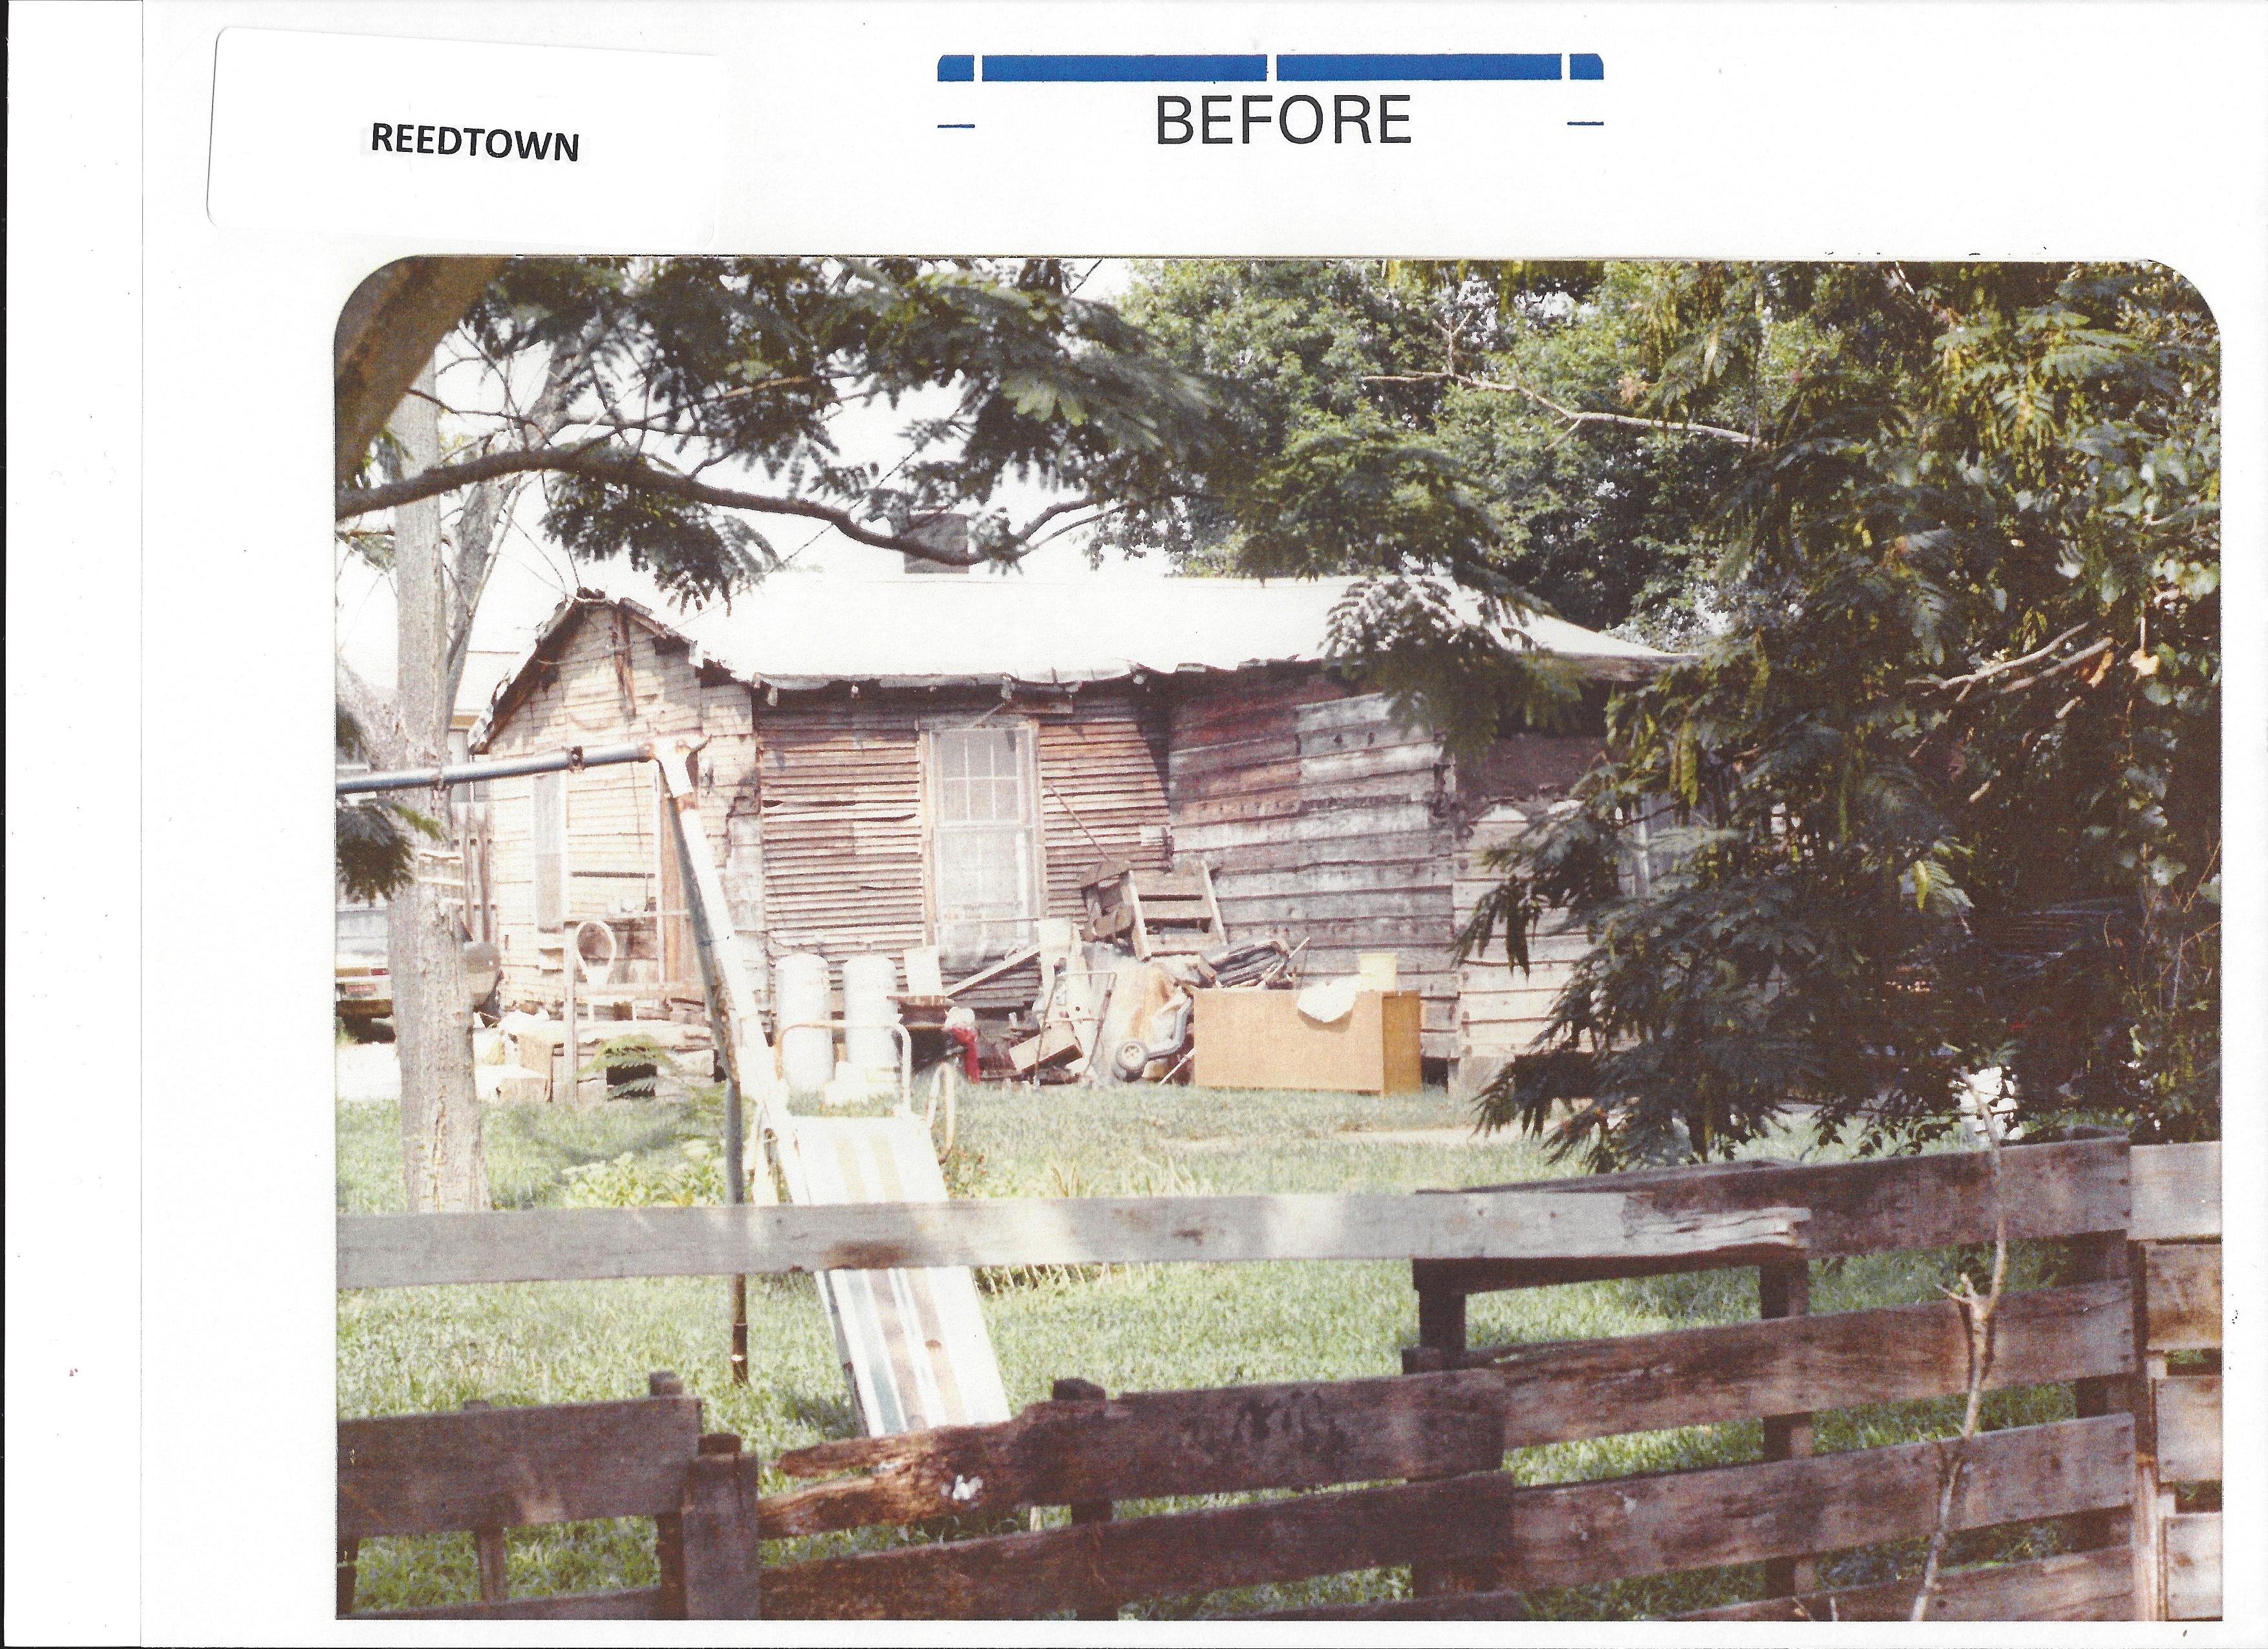 Reedtown - before